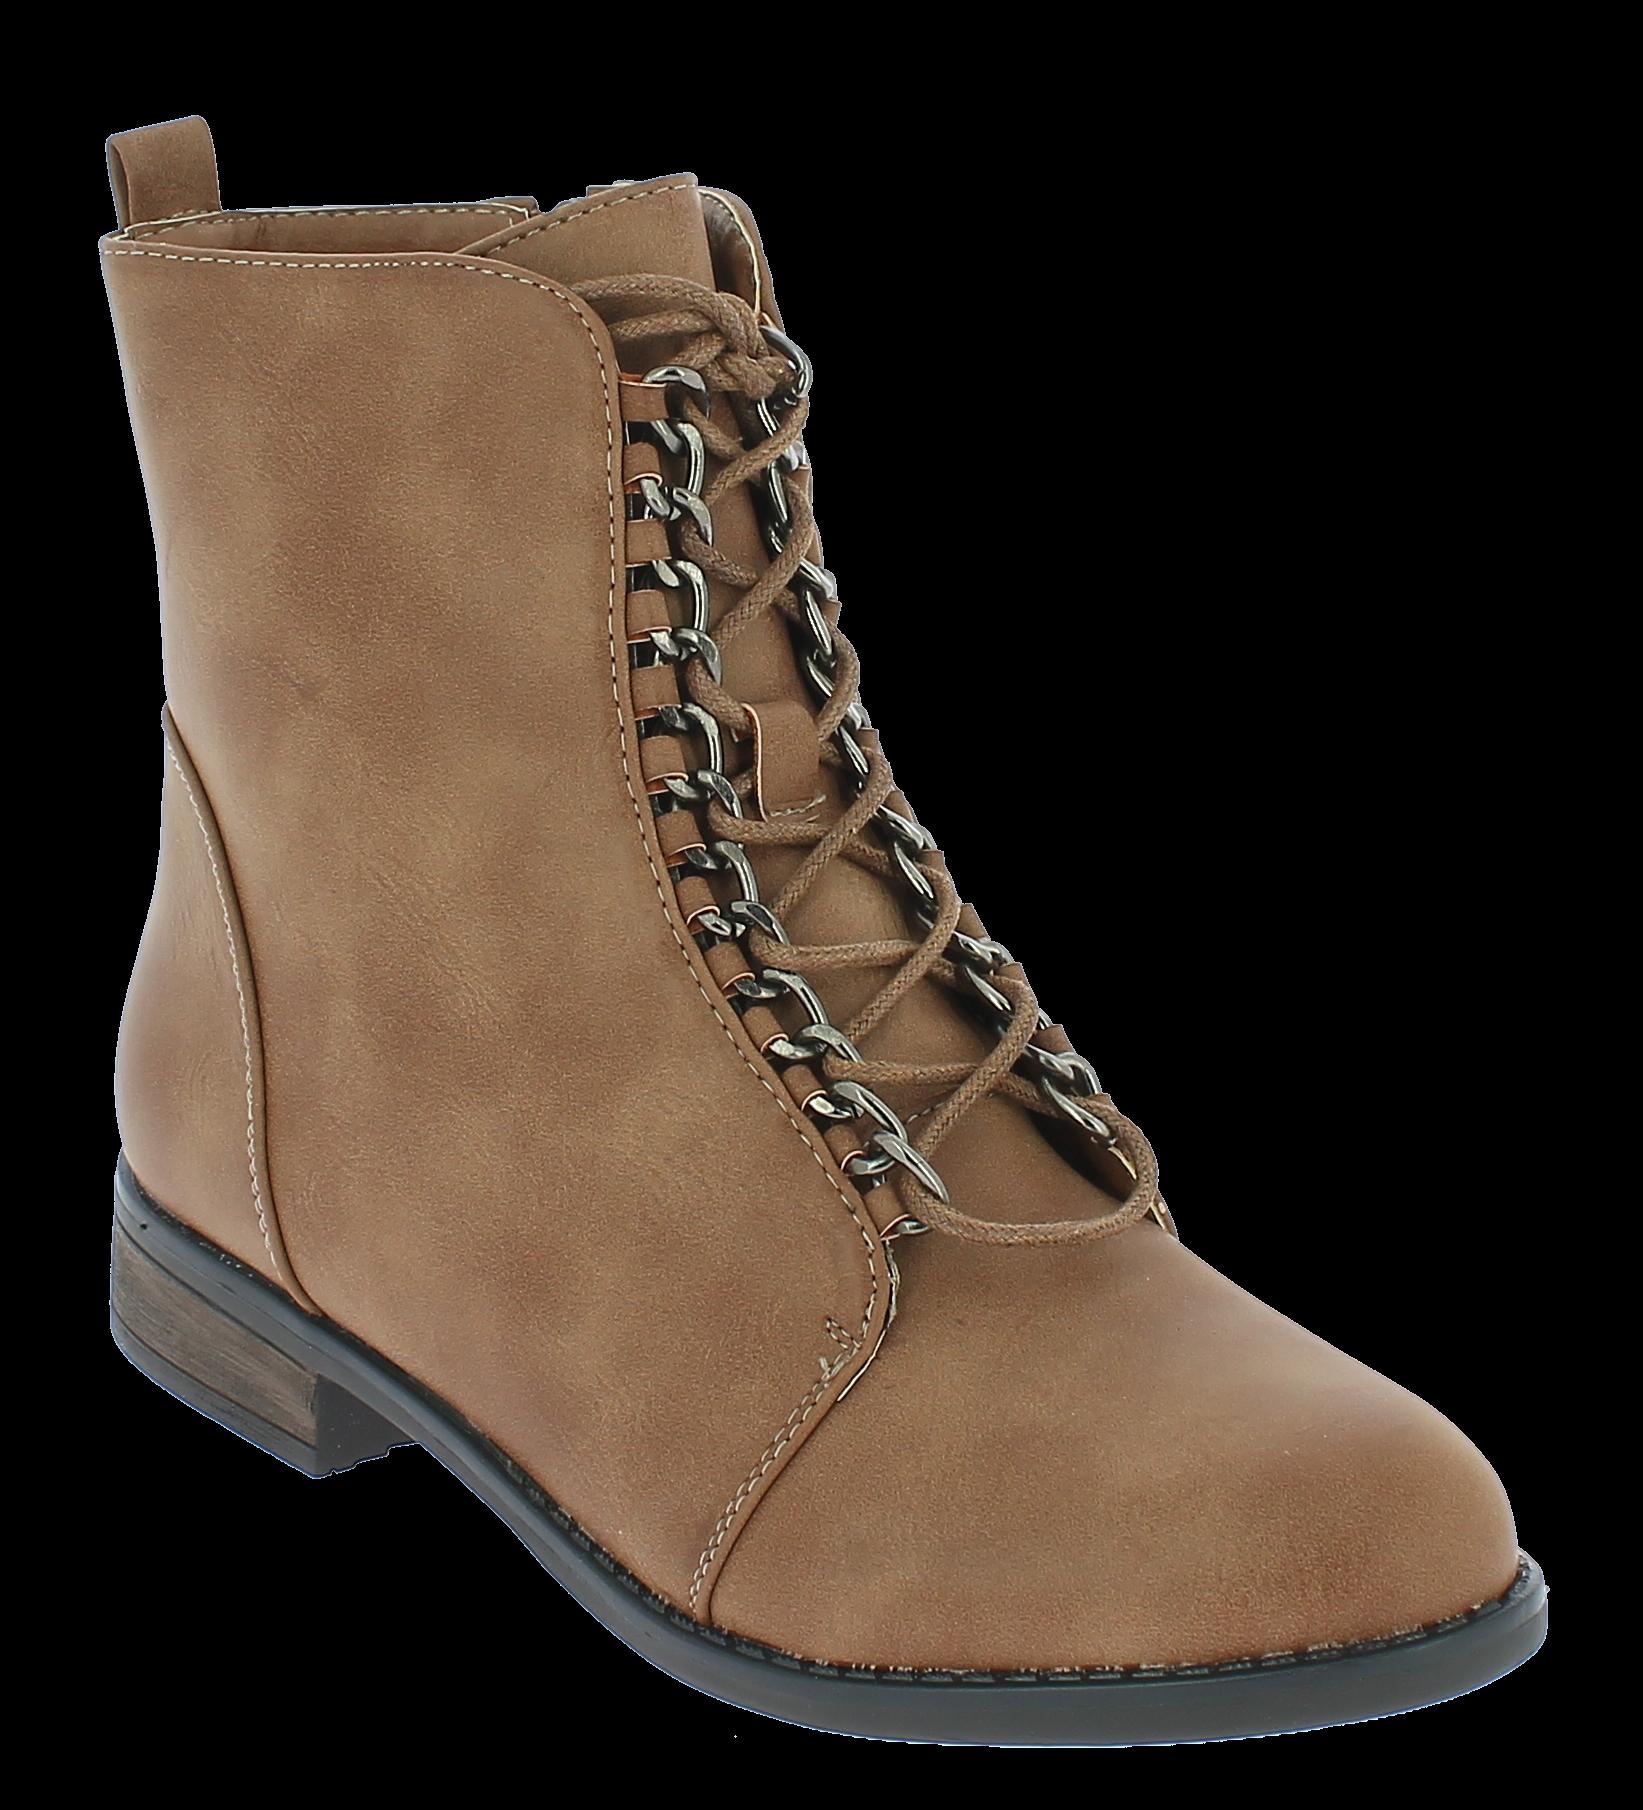 IQSHOES Γυναικείο Μποτάκι HI37 Μπεζ - IqShoes - HI-37 KHAKI-beige-40/1/7/8 παπούτσια  new in